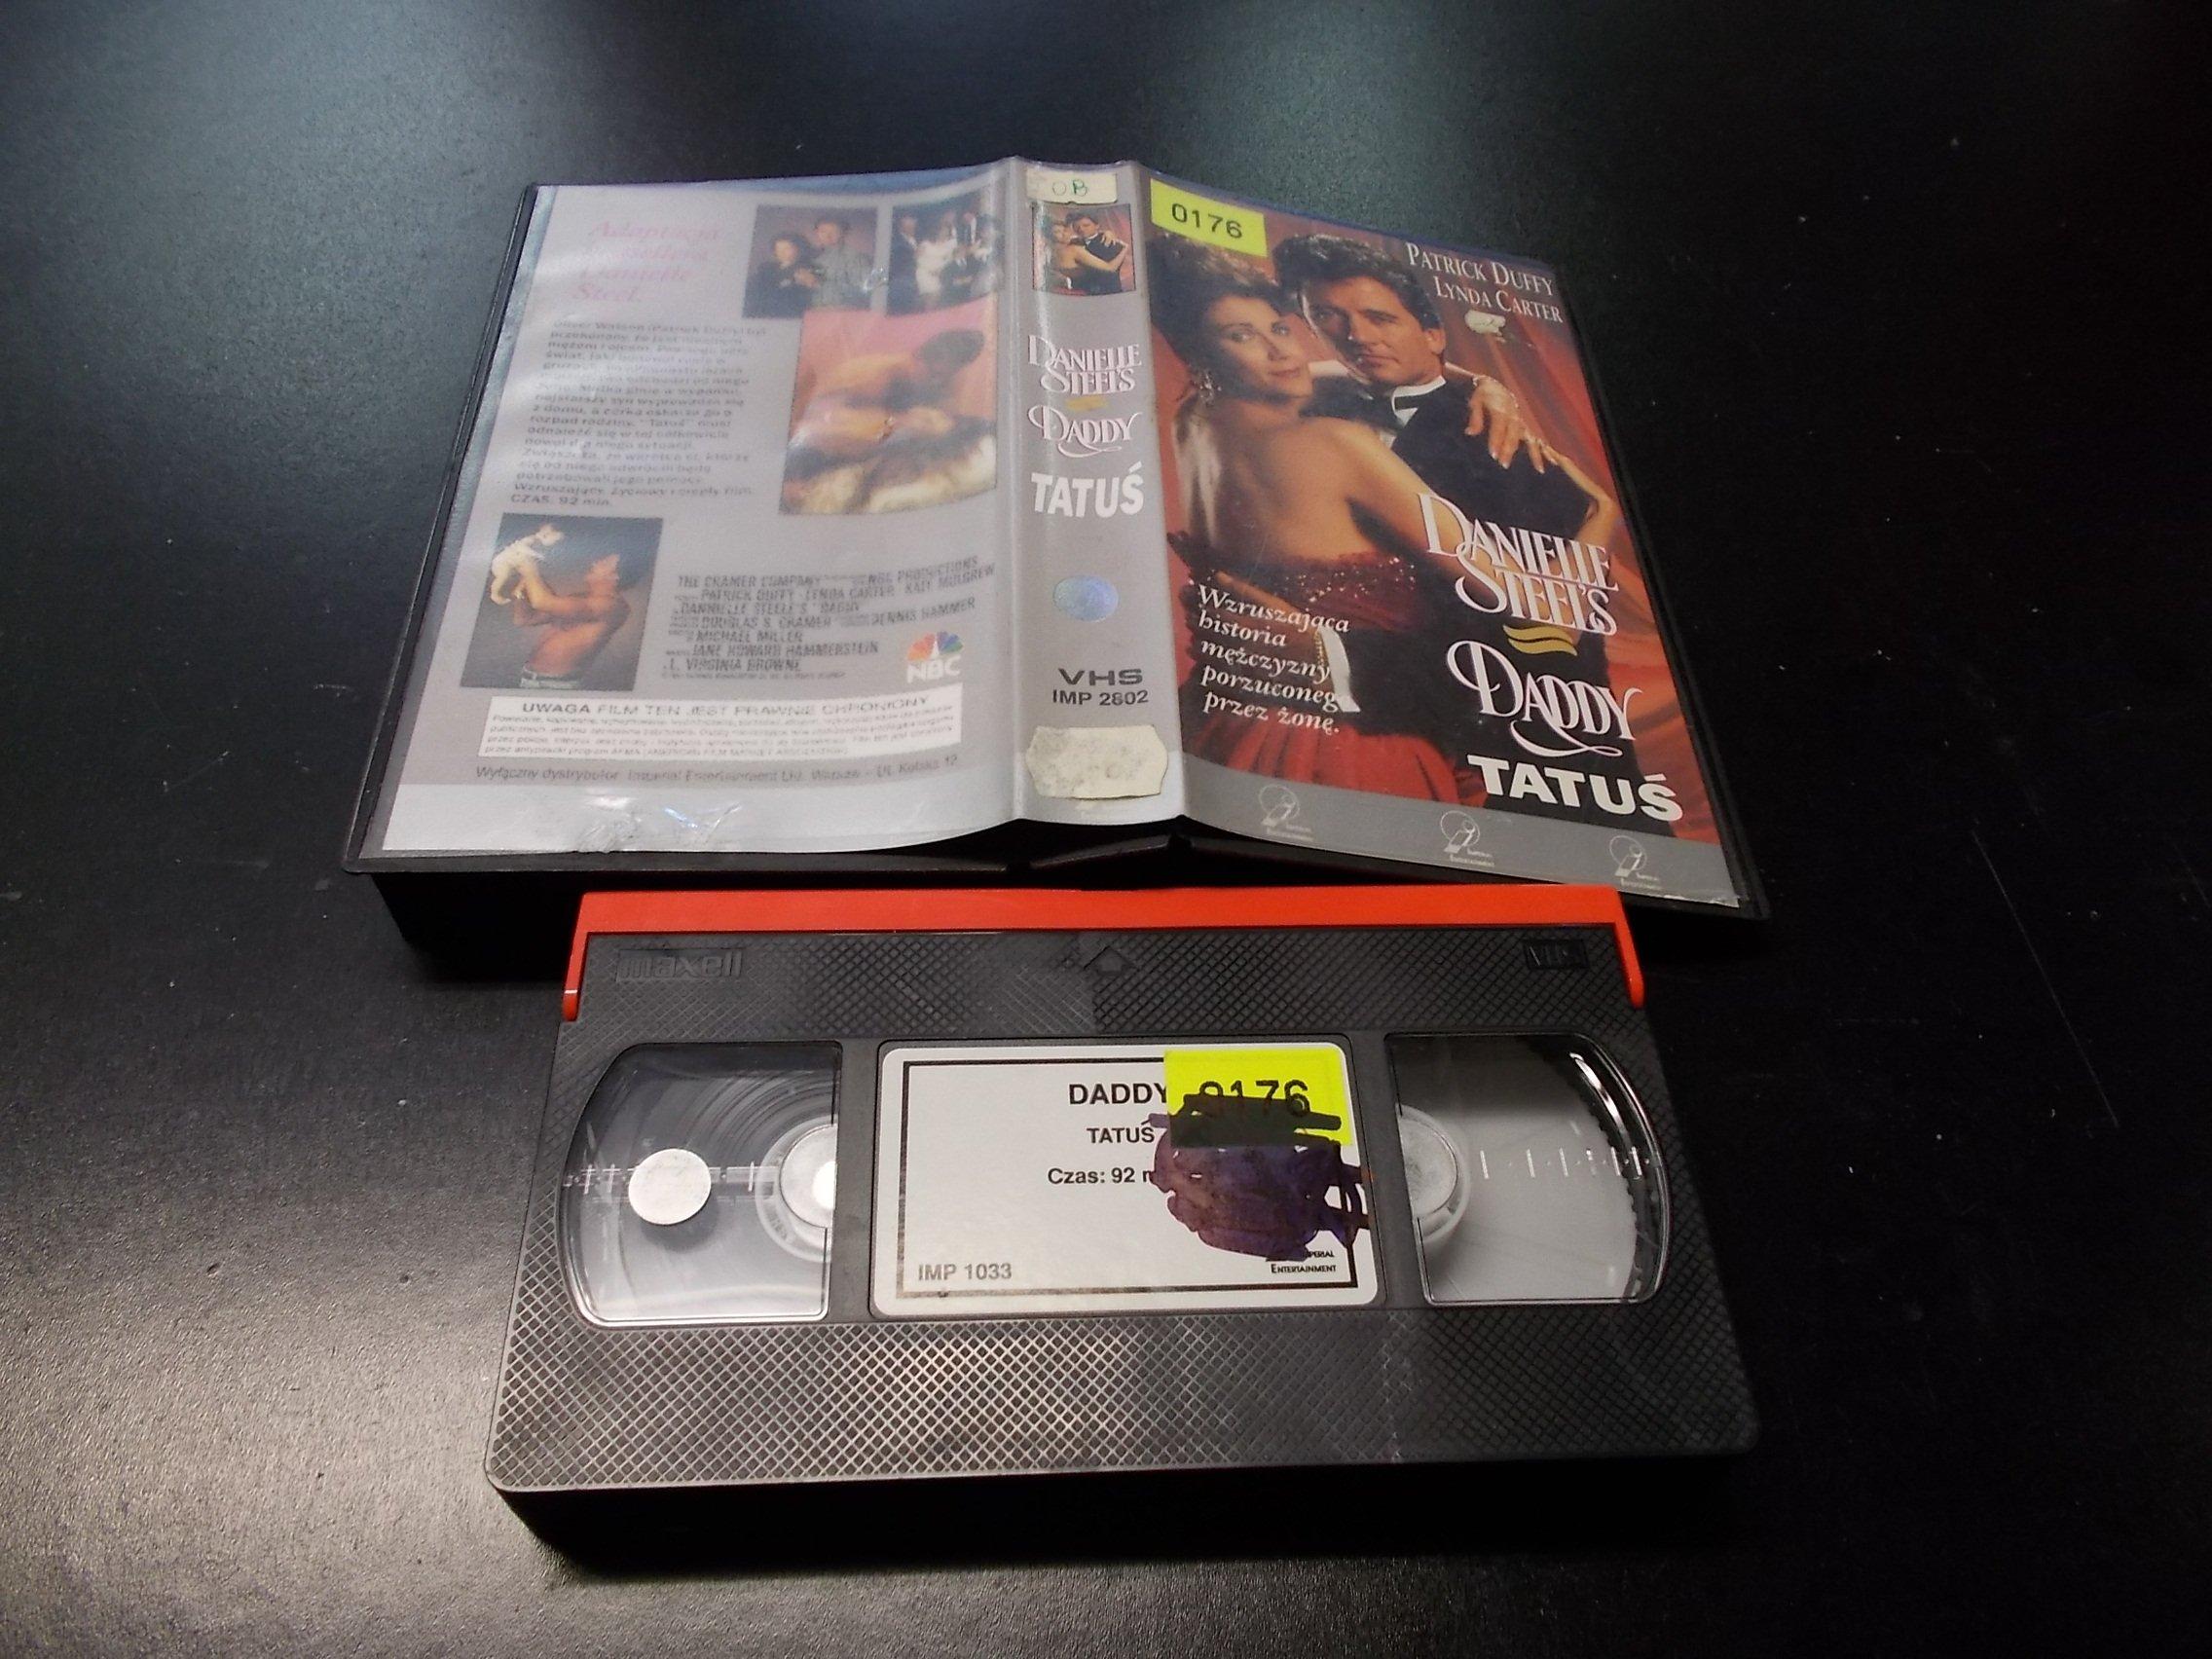 TATUŚ -  kaseta VHS - 1276 Opole - AlleOpole.pl